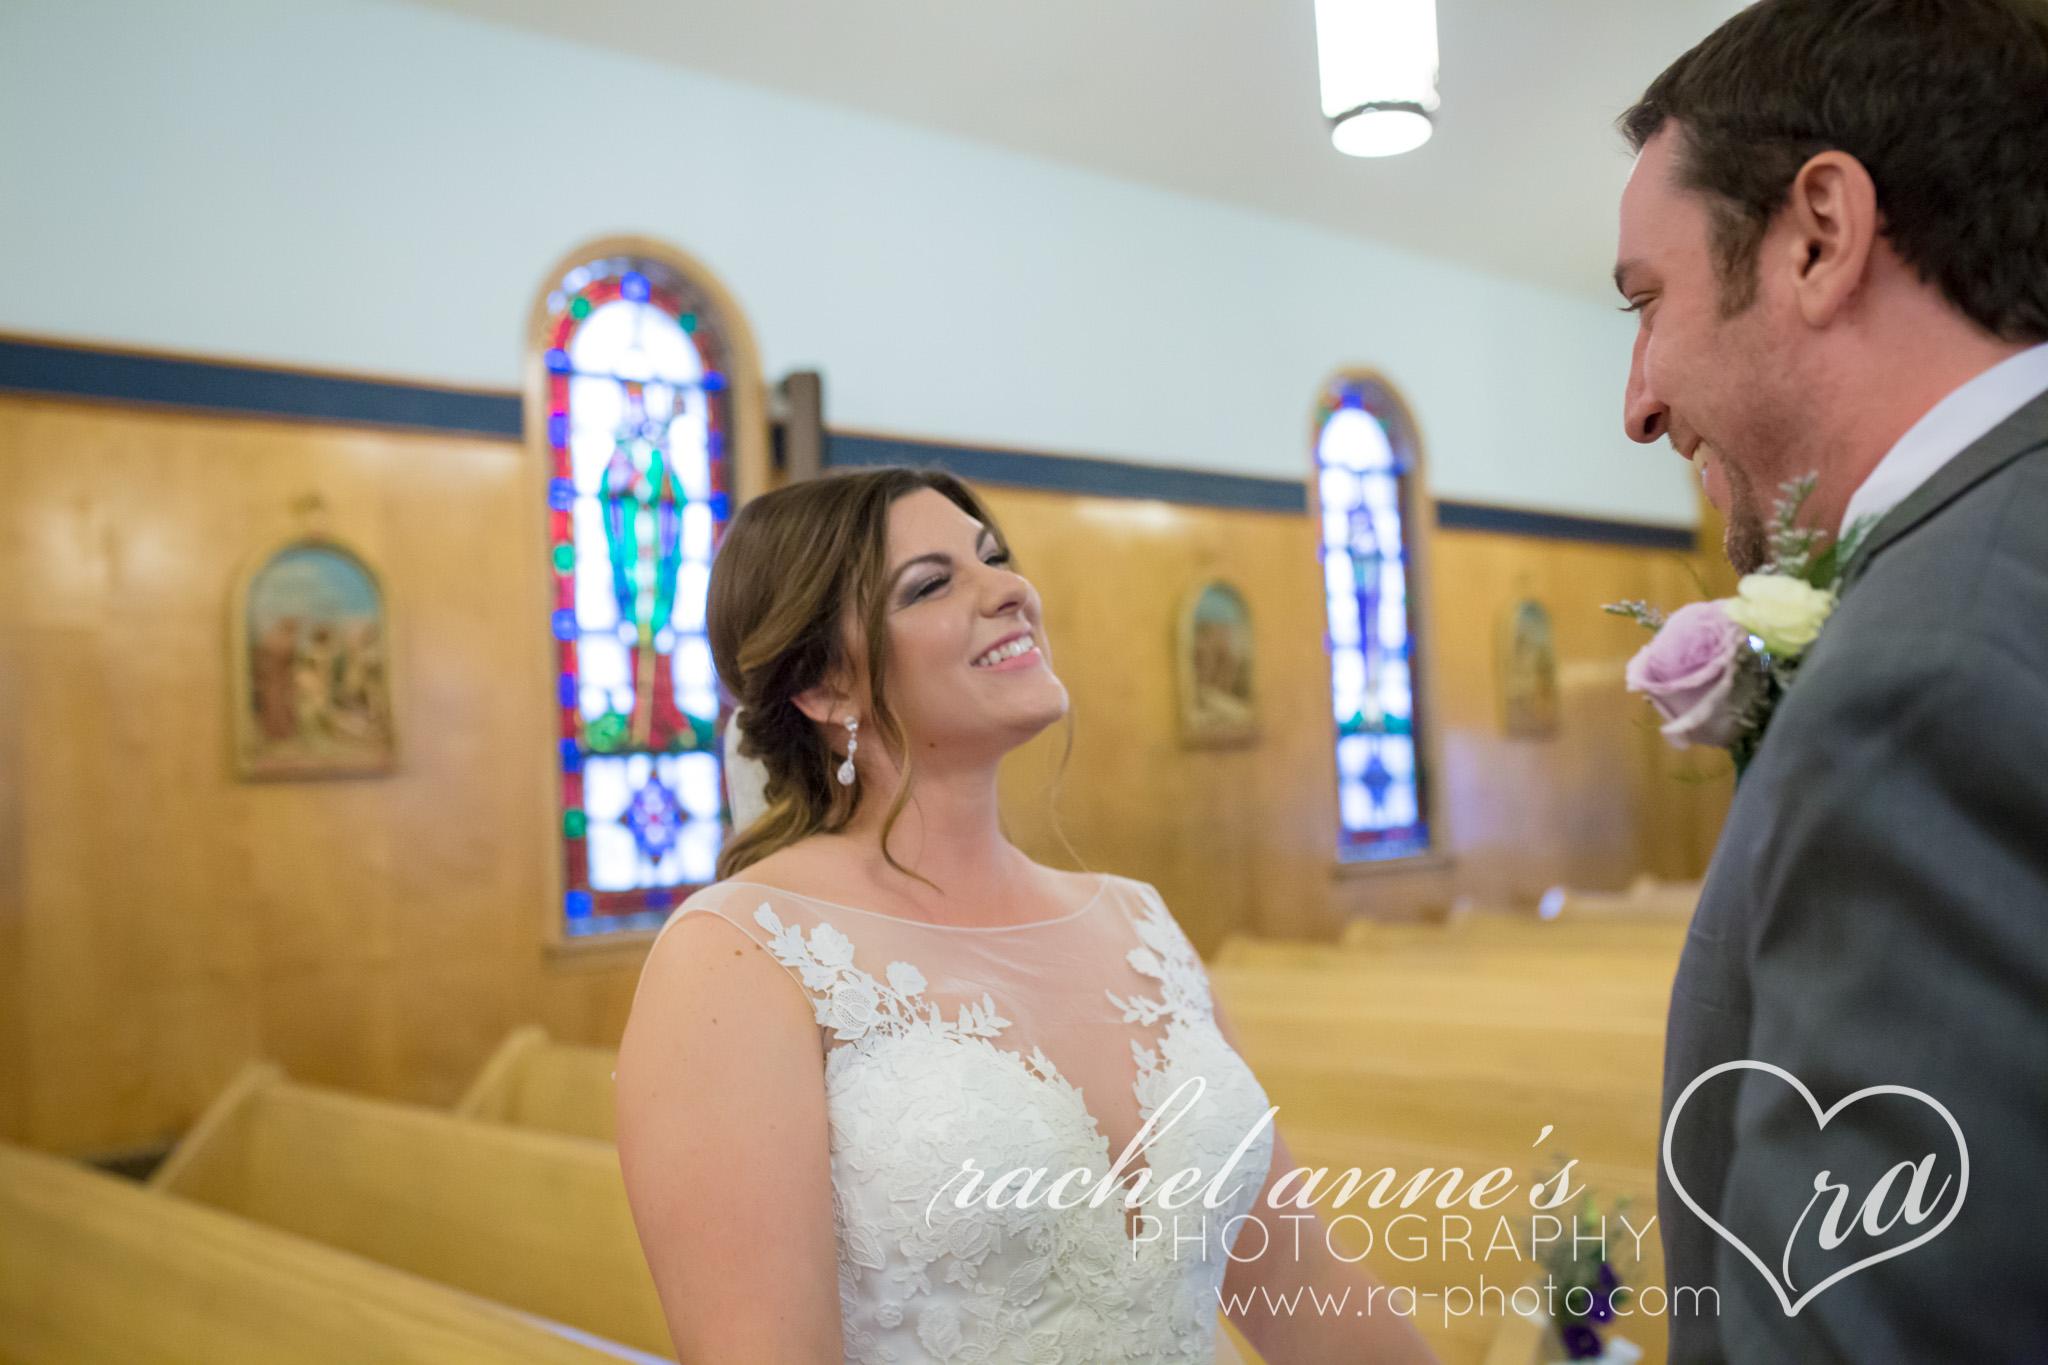 018-CAP-CURWENSVILLE-PA-TREASURE-LAKEVIEW-LODGE-WEDDINGS.jpg